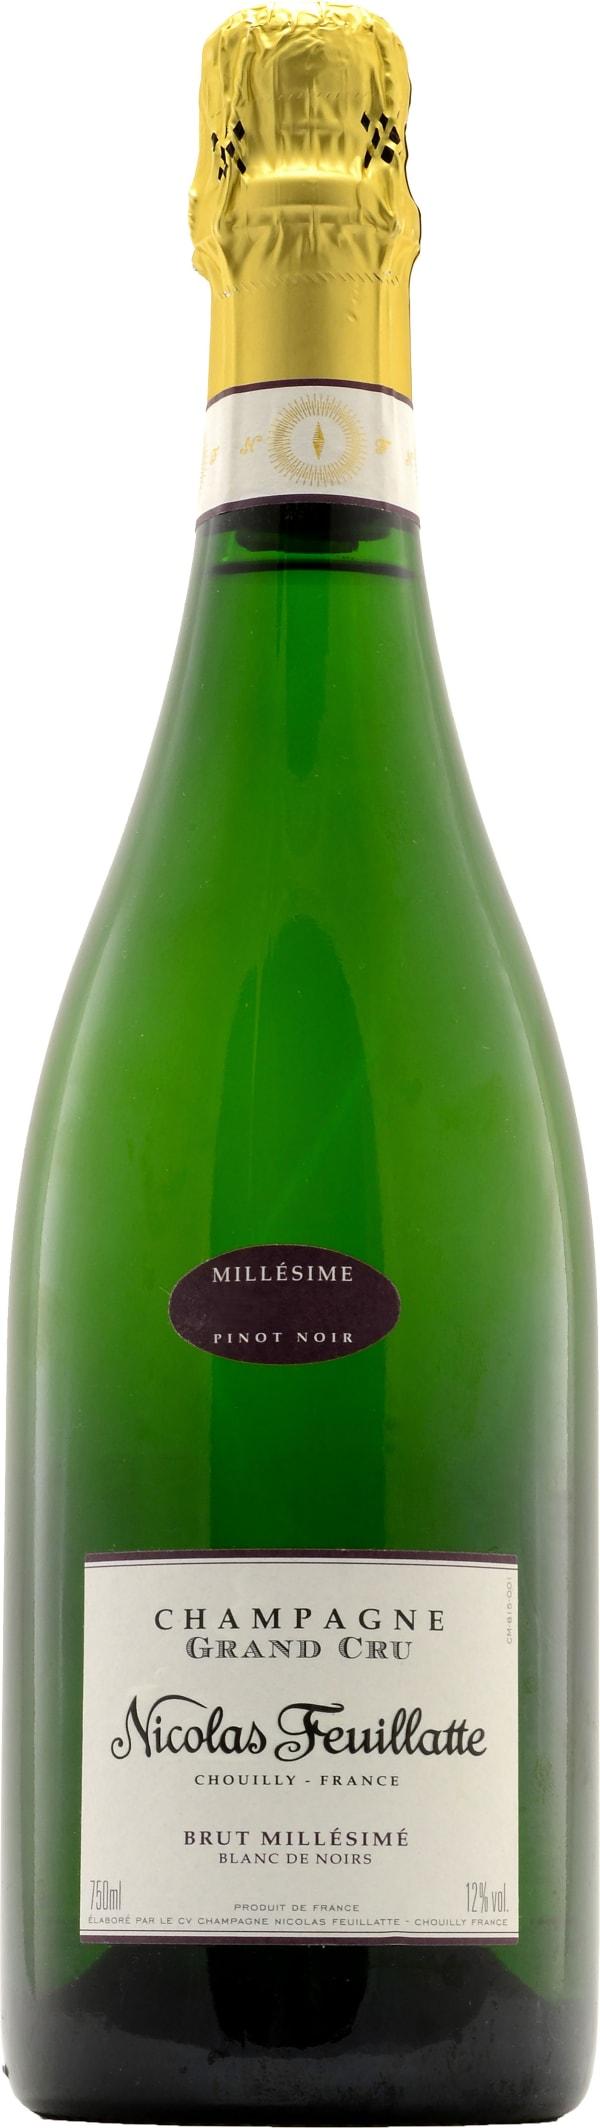 Nicolas Feuillatte Grand Cru Blanc de Noirs Champagne Brut 2006